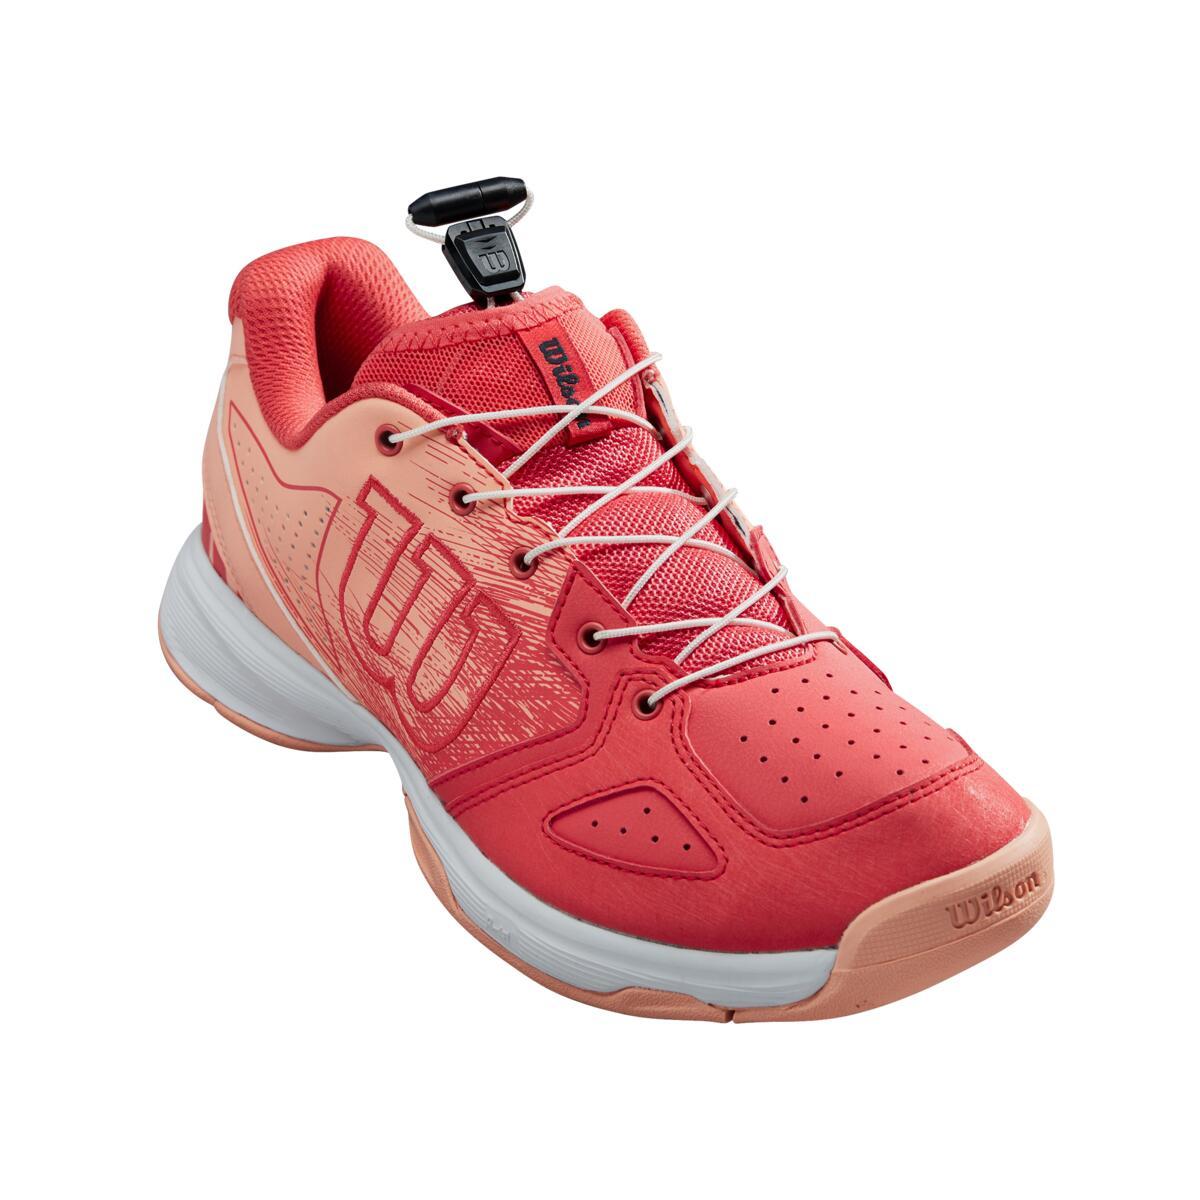 Dětská tenisová obuv Wilson Kaos Junior QL Cayenne/PAPAY/India Velikost: UK 2.5